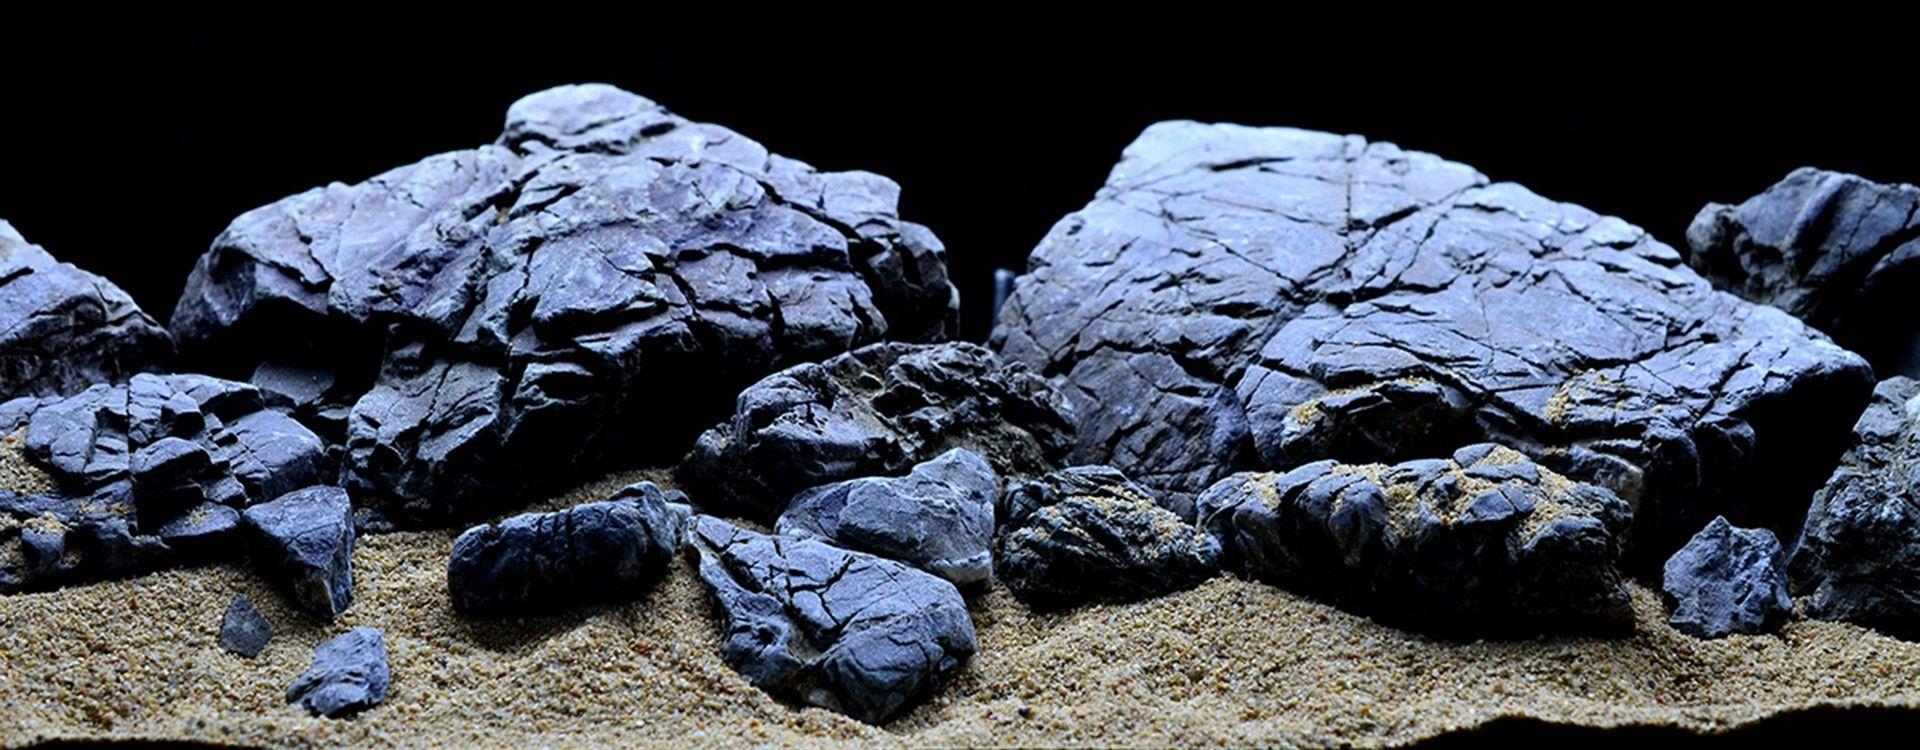 AQUASCAPING STONE! Czyli rodzaje skał używanych w akwarystyce